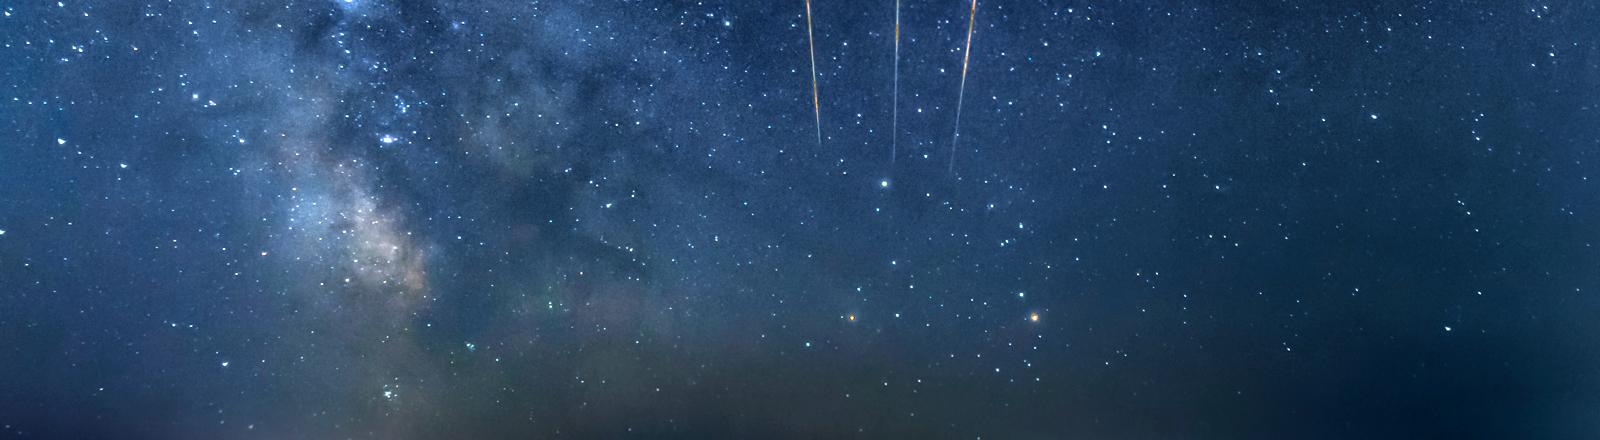 Blick in den Sternenhimmel